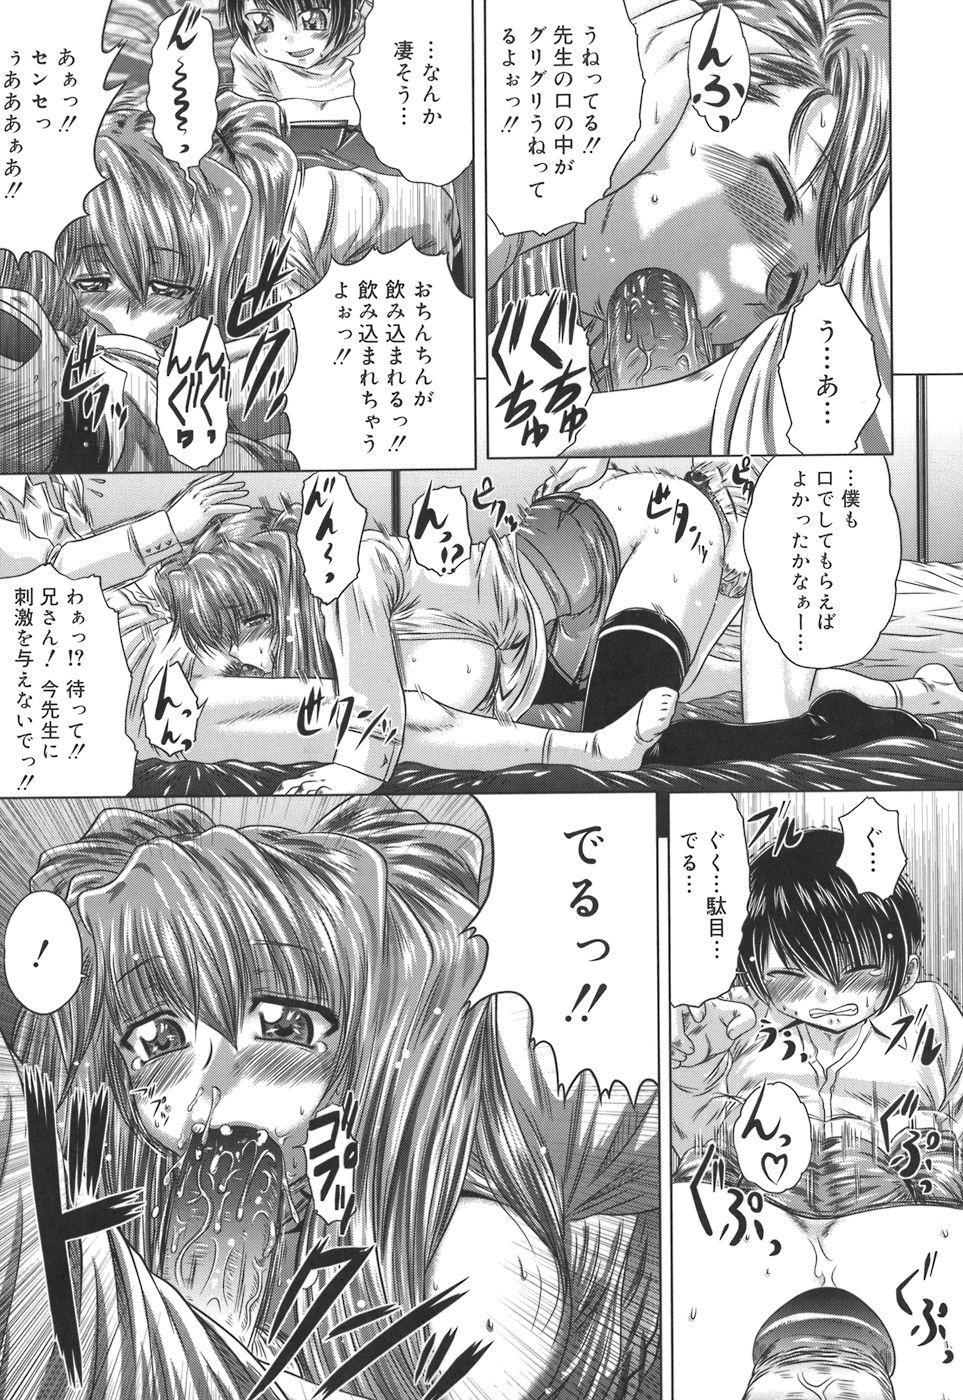 Iroka no Himitsu 78